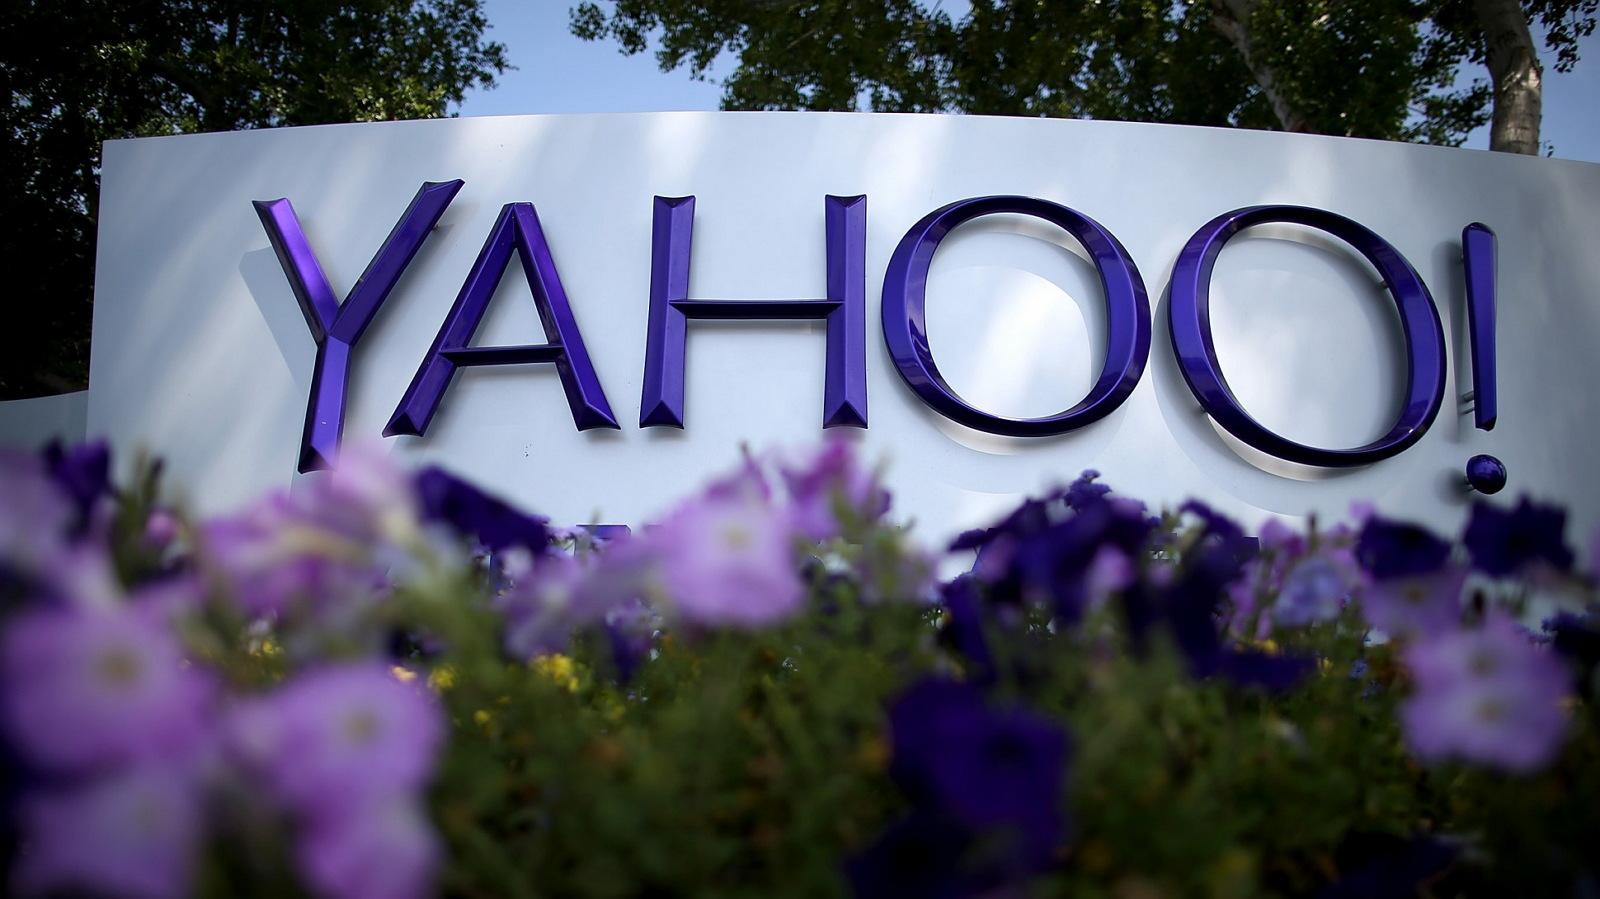 Yahoo company sign